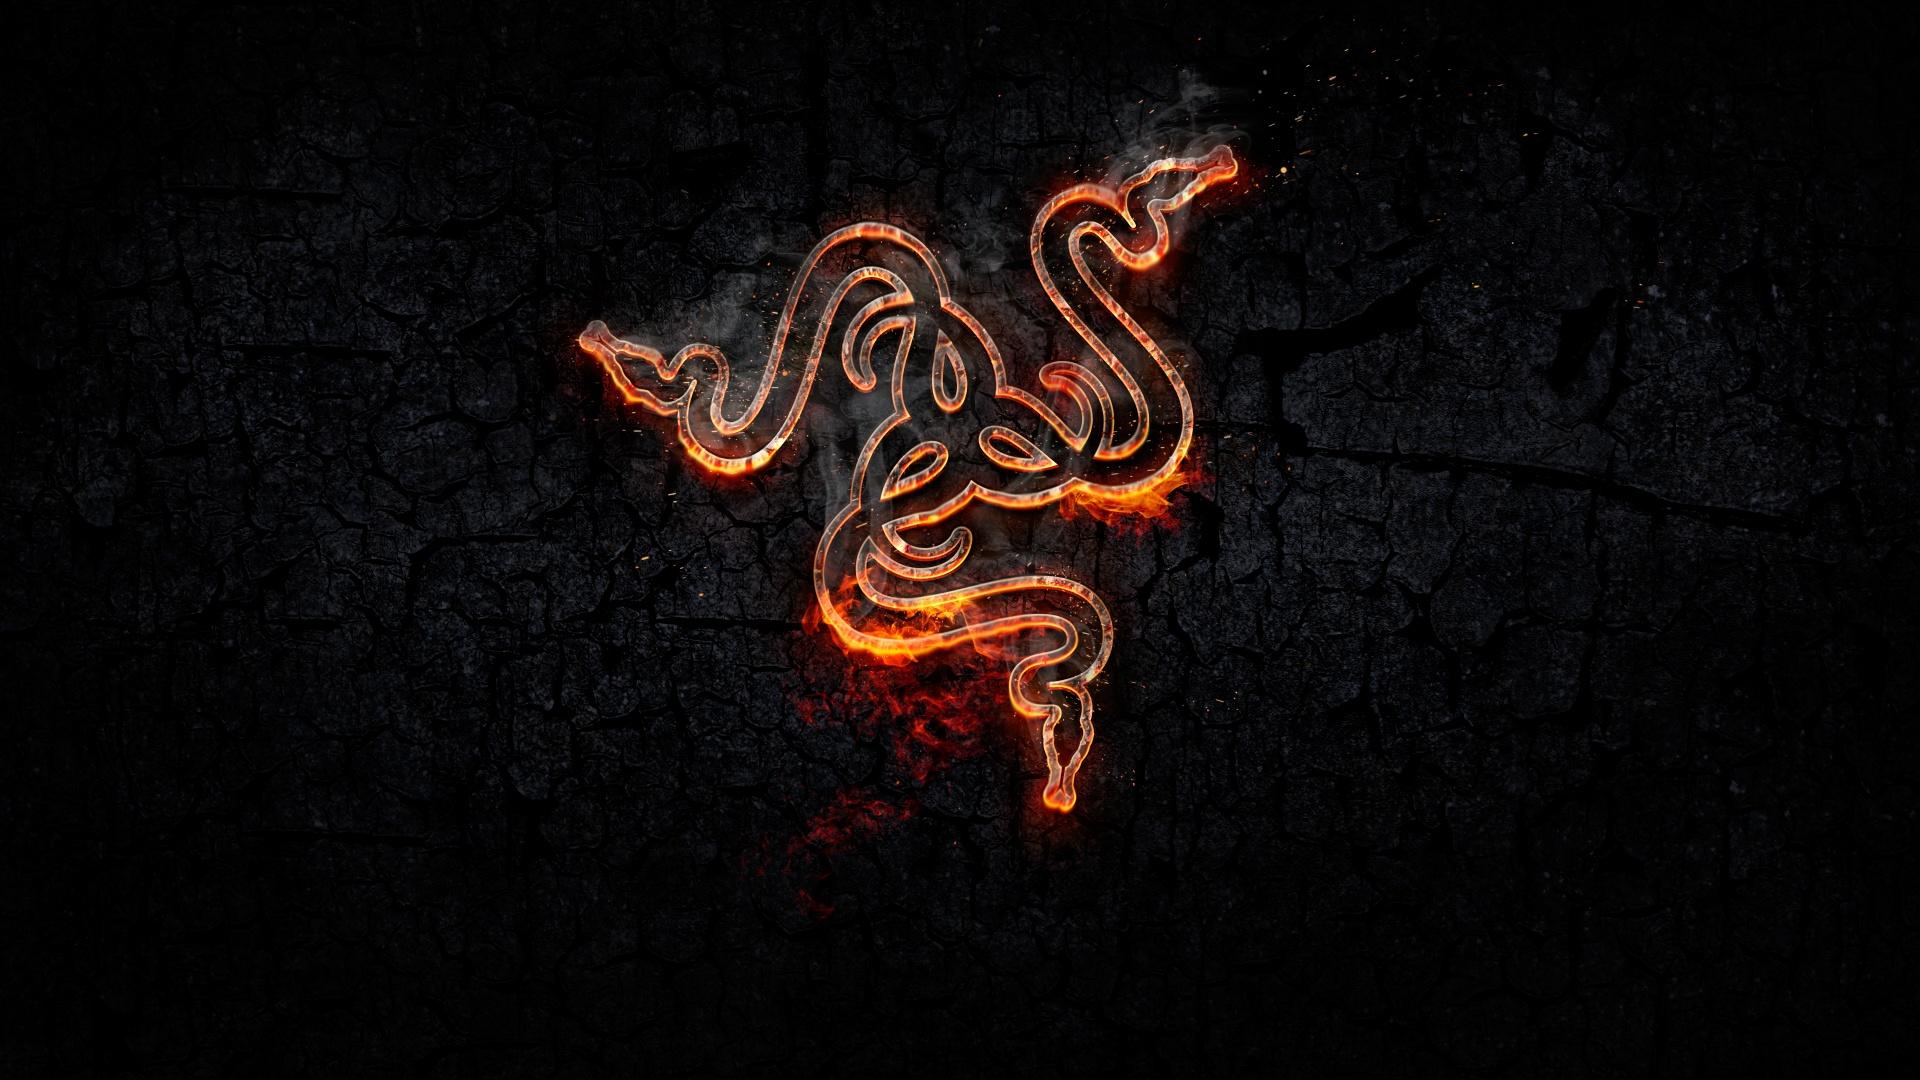 Forged 4k Wallpaper Razer Fire Dark Background Black Dark 1394